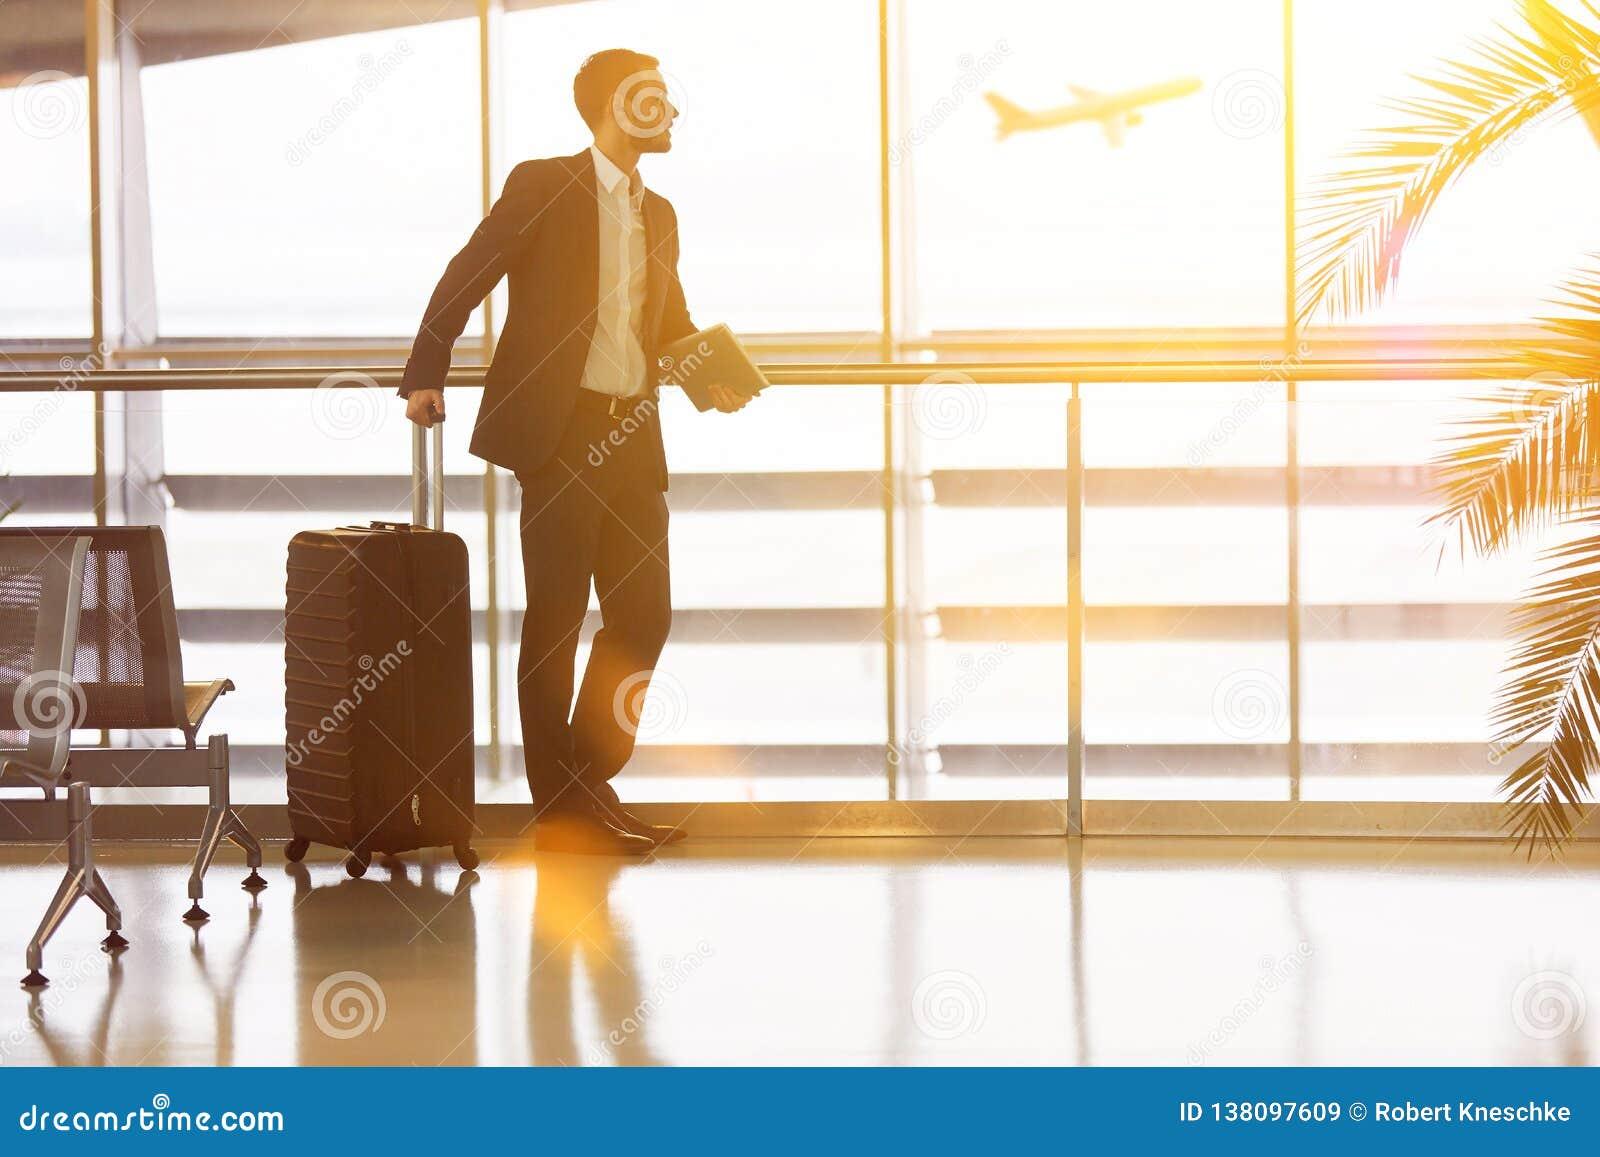 Бизнесмен путешествуя в аэропорте летом